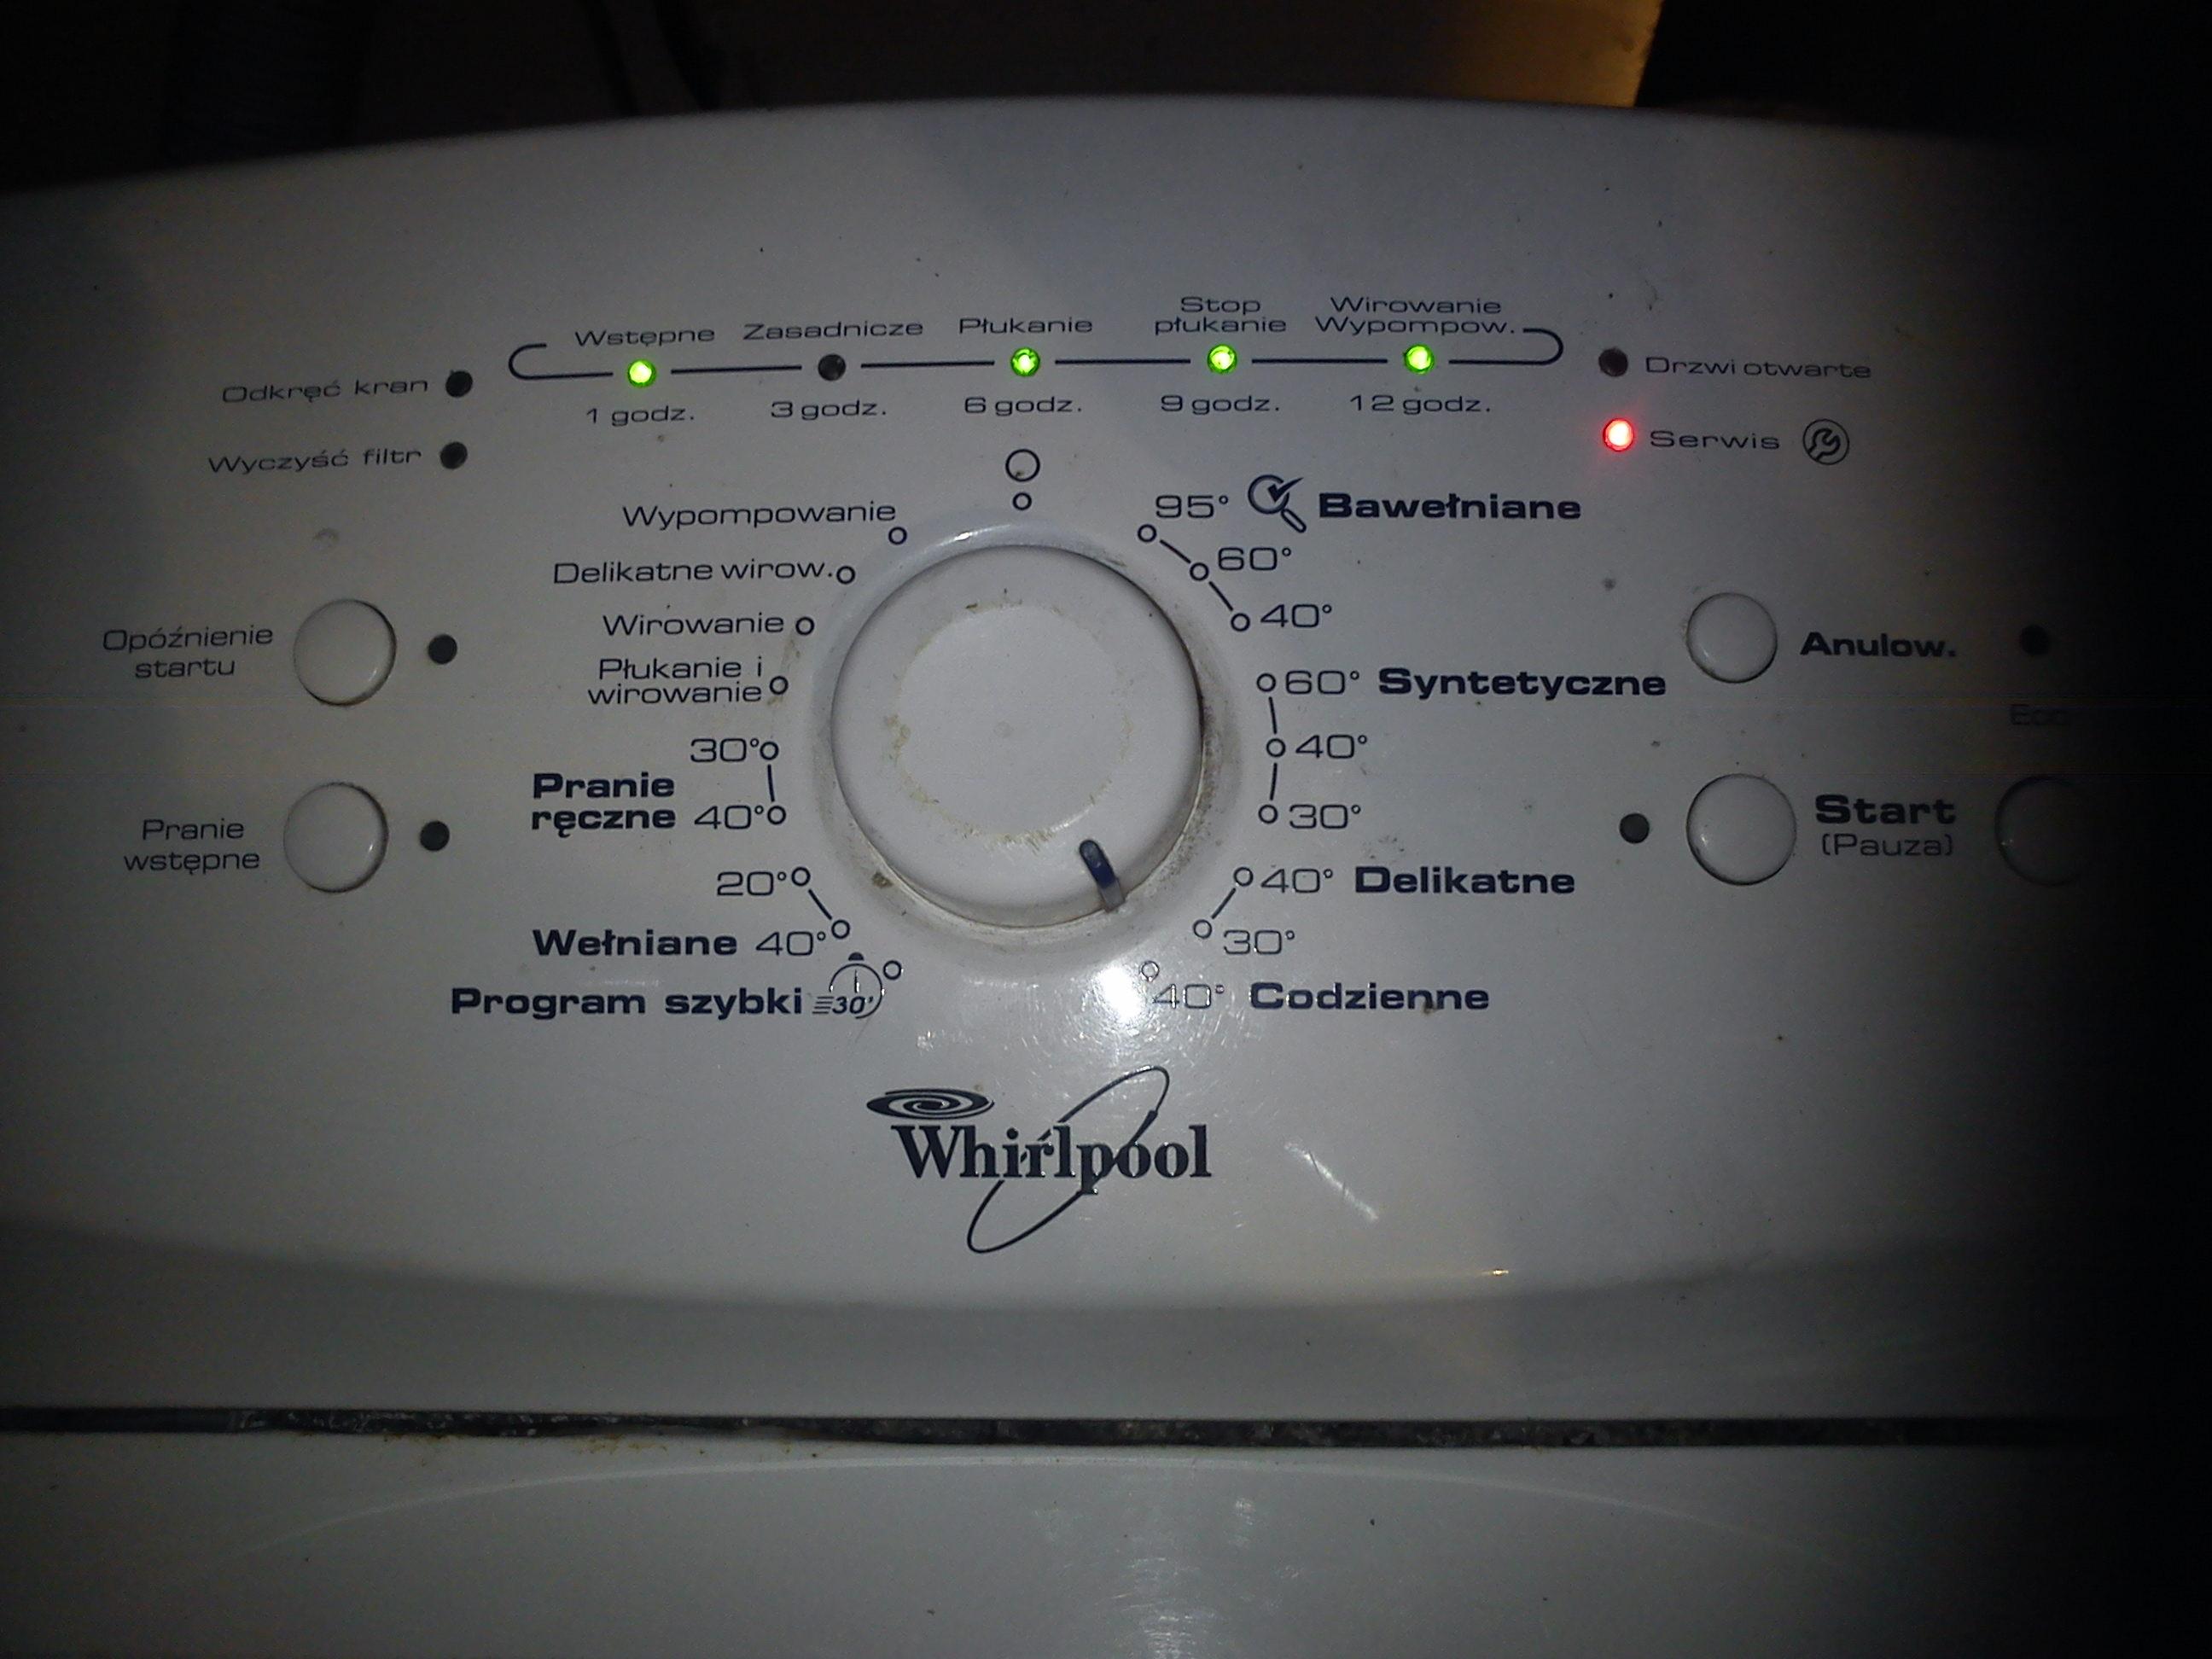 Pralka whirlpool AWE6516 przy wirowaniu za�wieca serwis